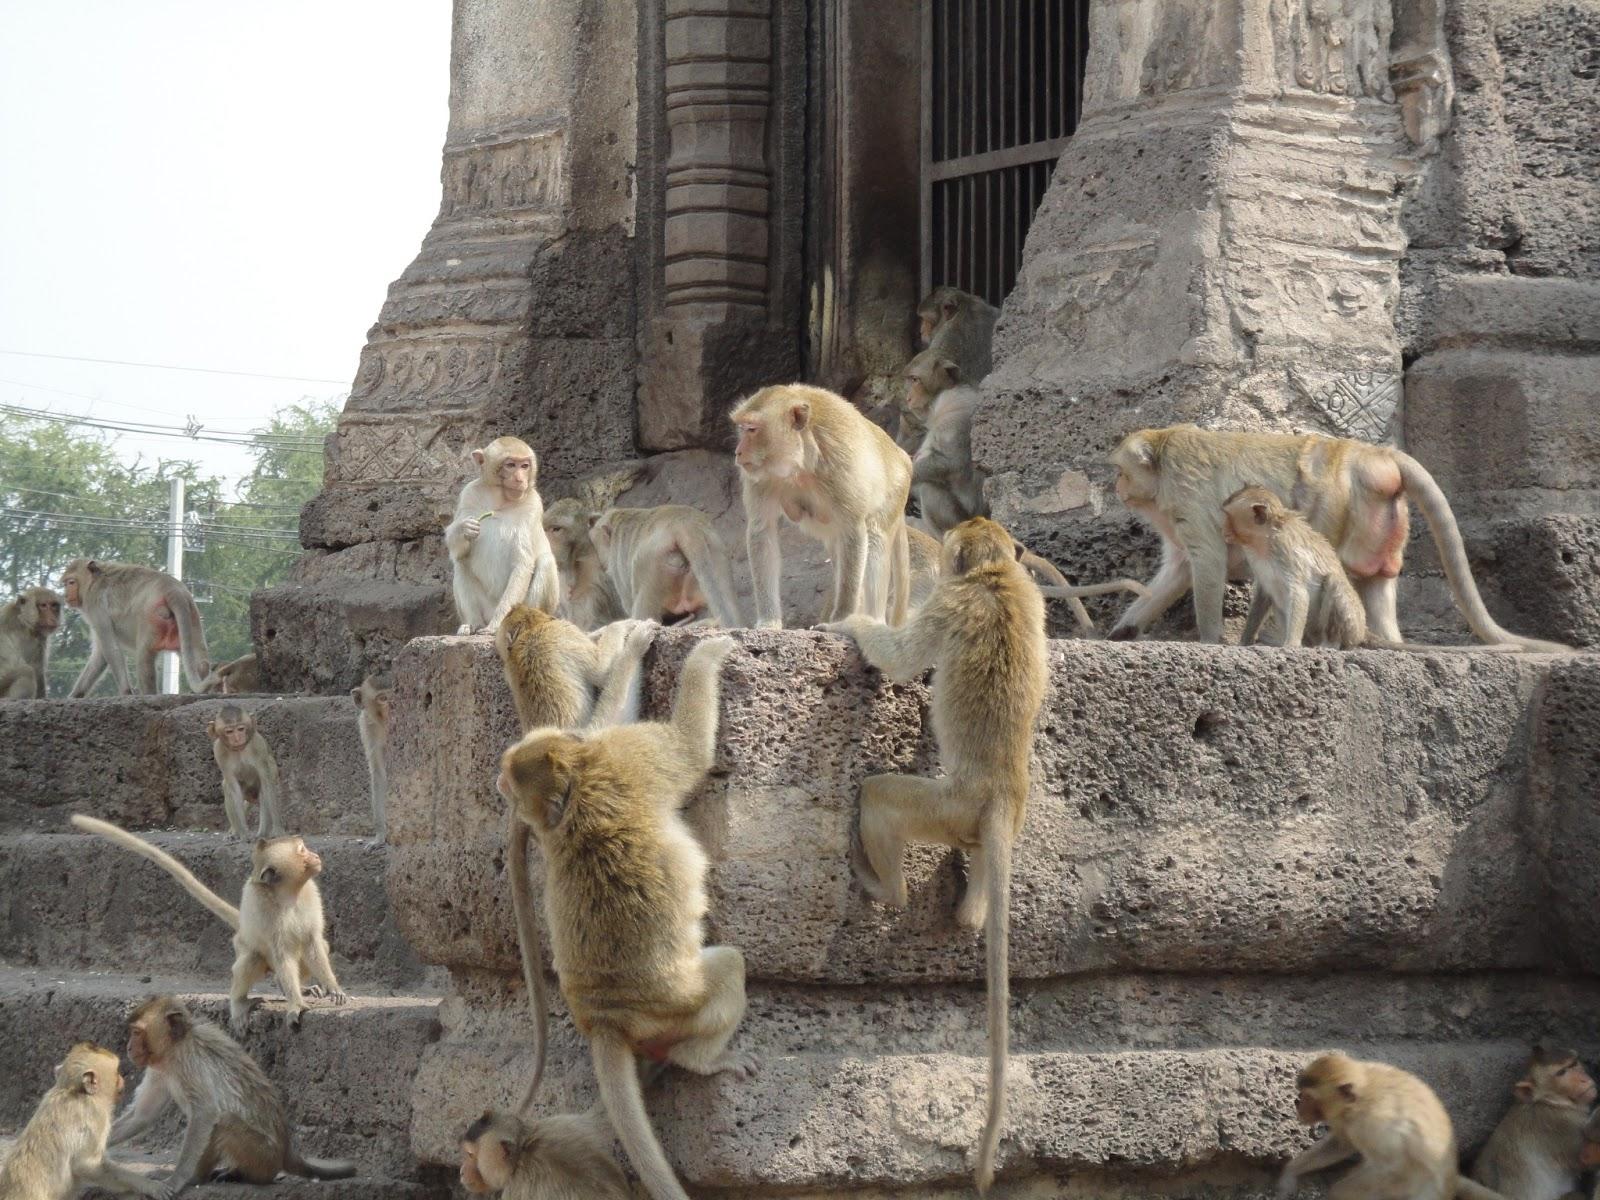 туристический маршрут по странам азии презентация